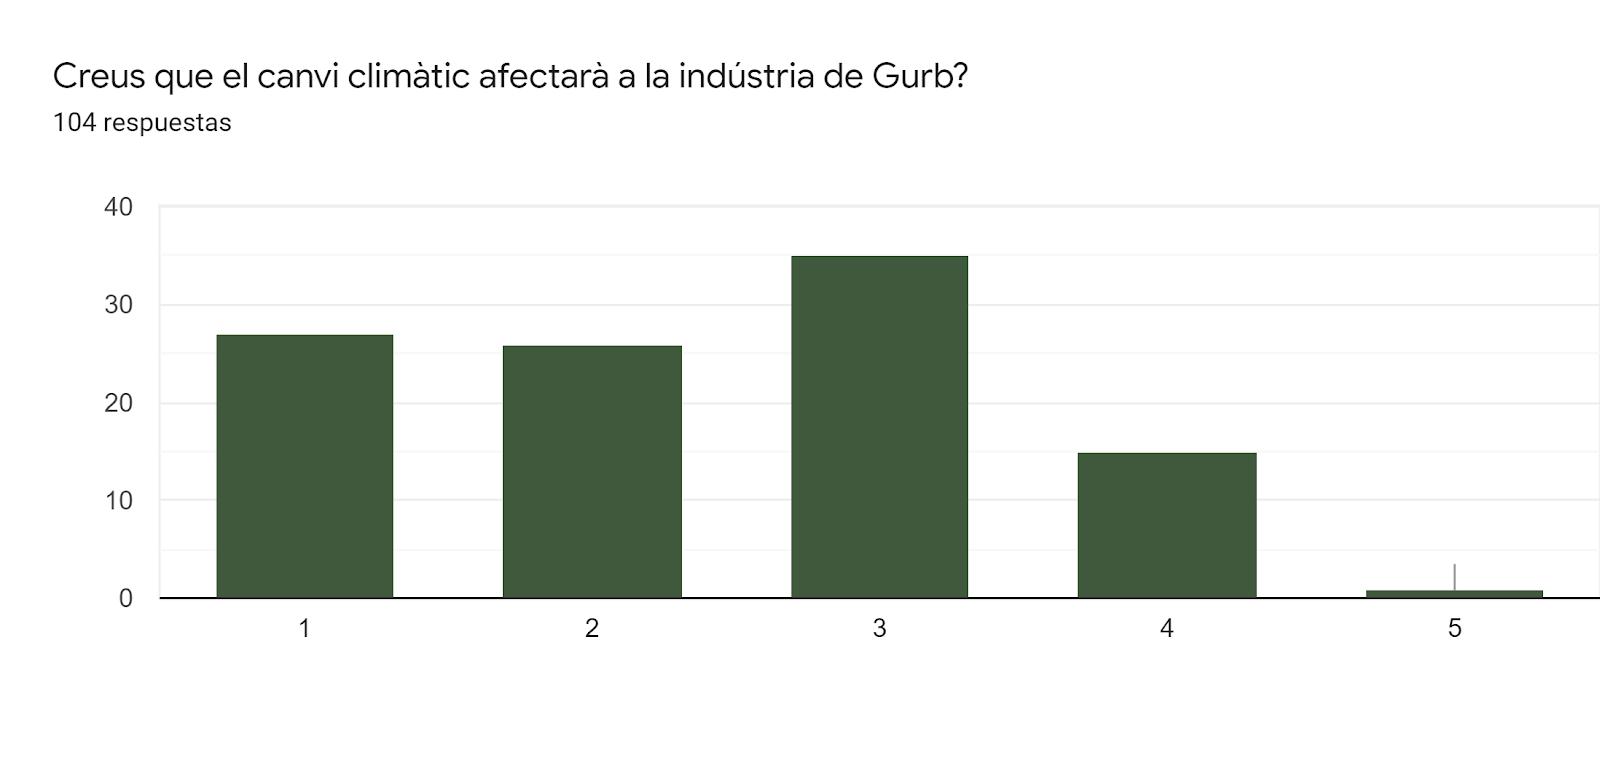 Gráfico de respuestas de formularios. Título de la pregunta:Creus que el canvi climàtic afectarà a la indústria de Gurb?. Número de respuestas:104 respuestas.